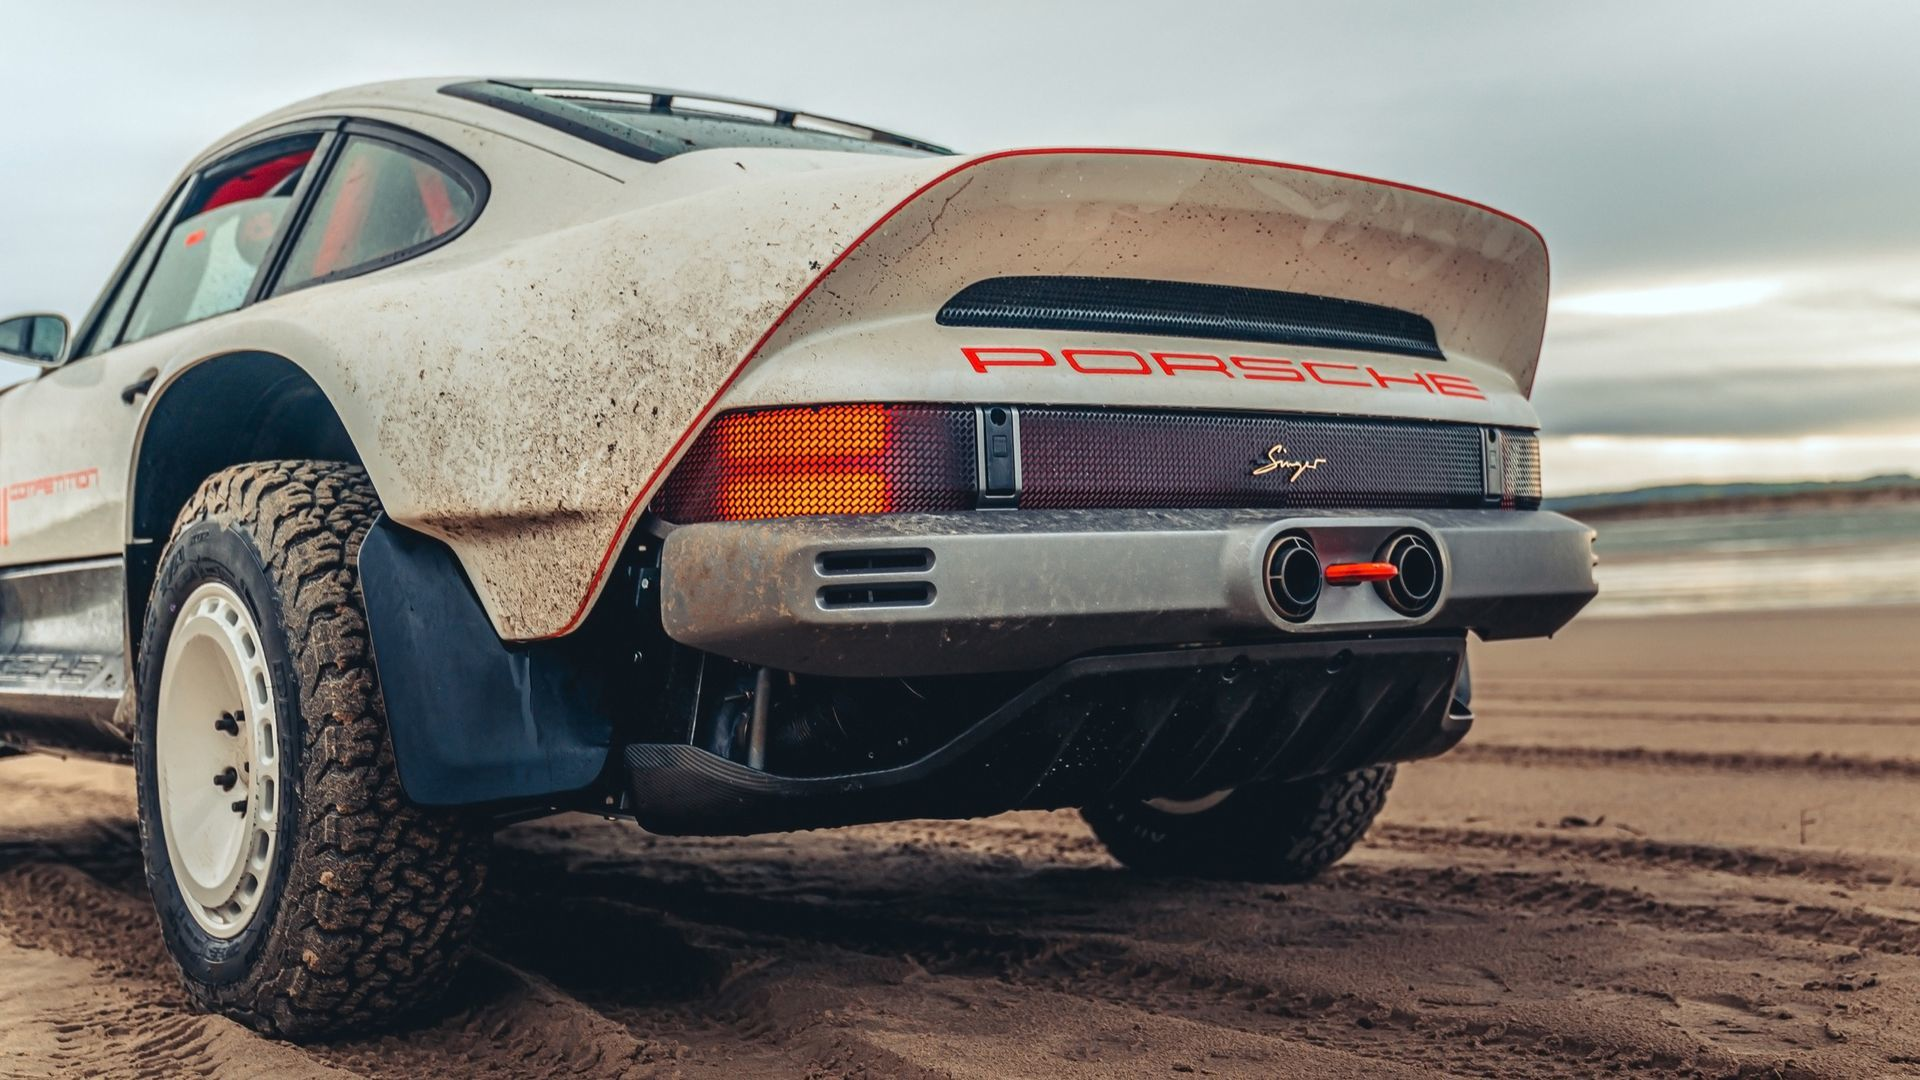 Singer Acs Porsche 911 27